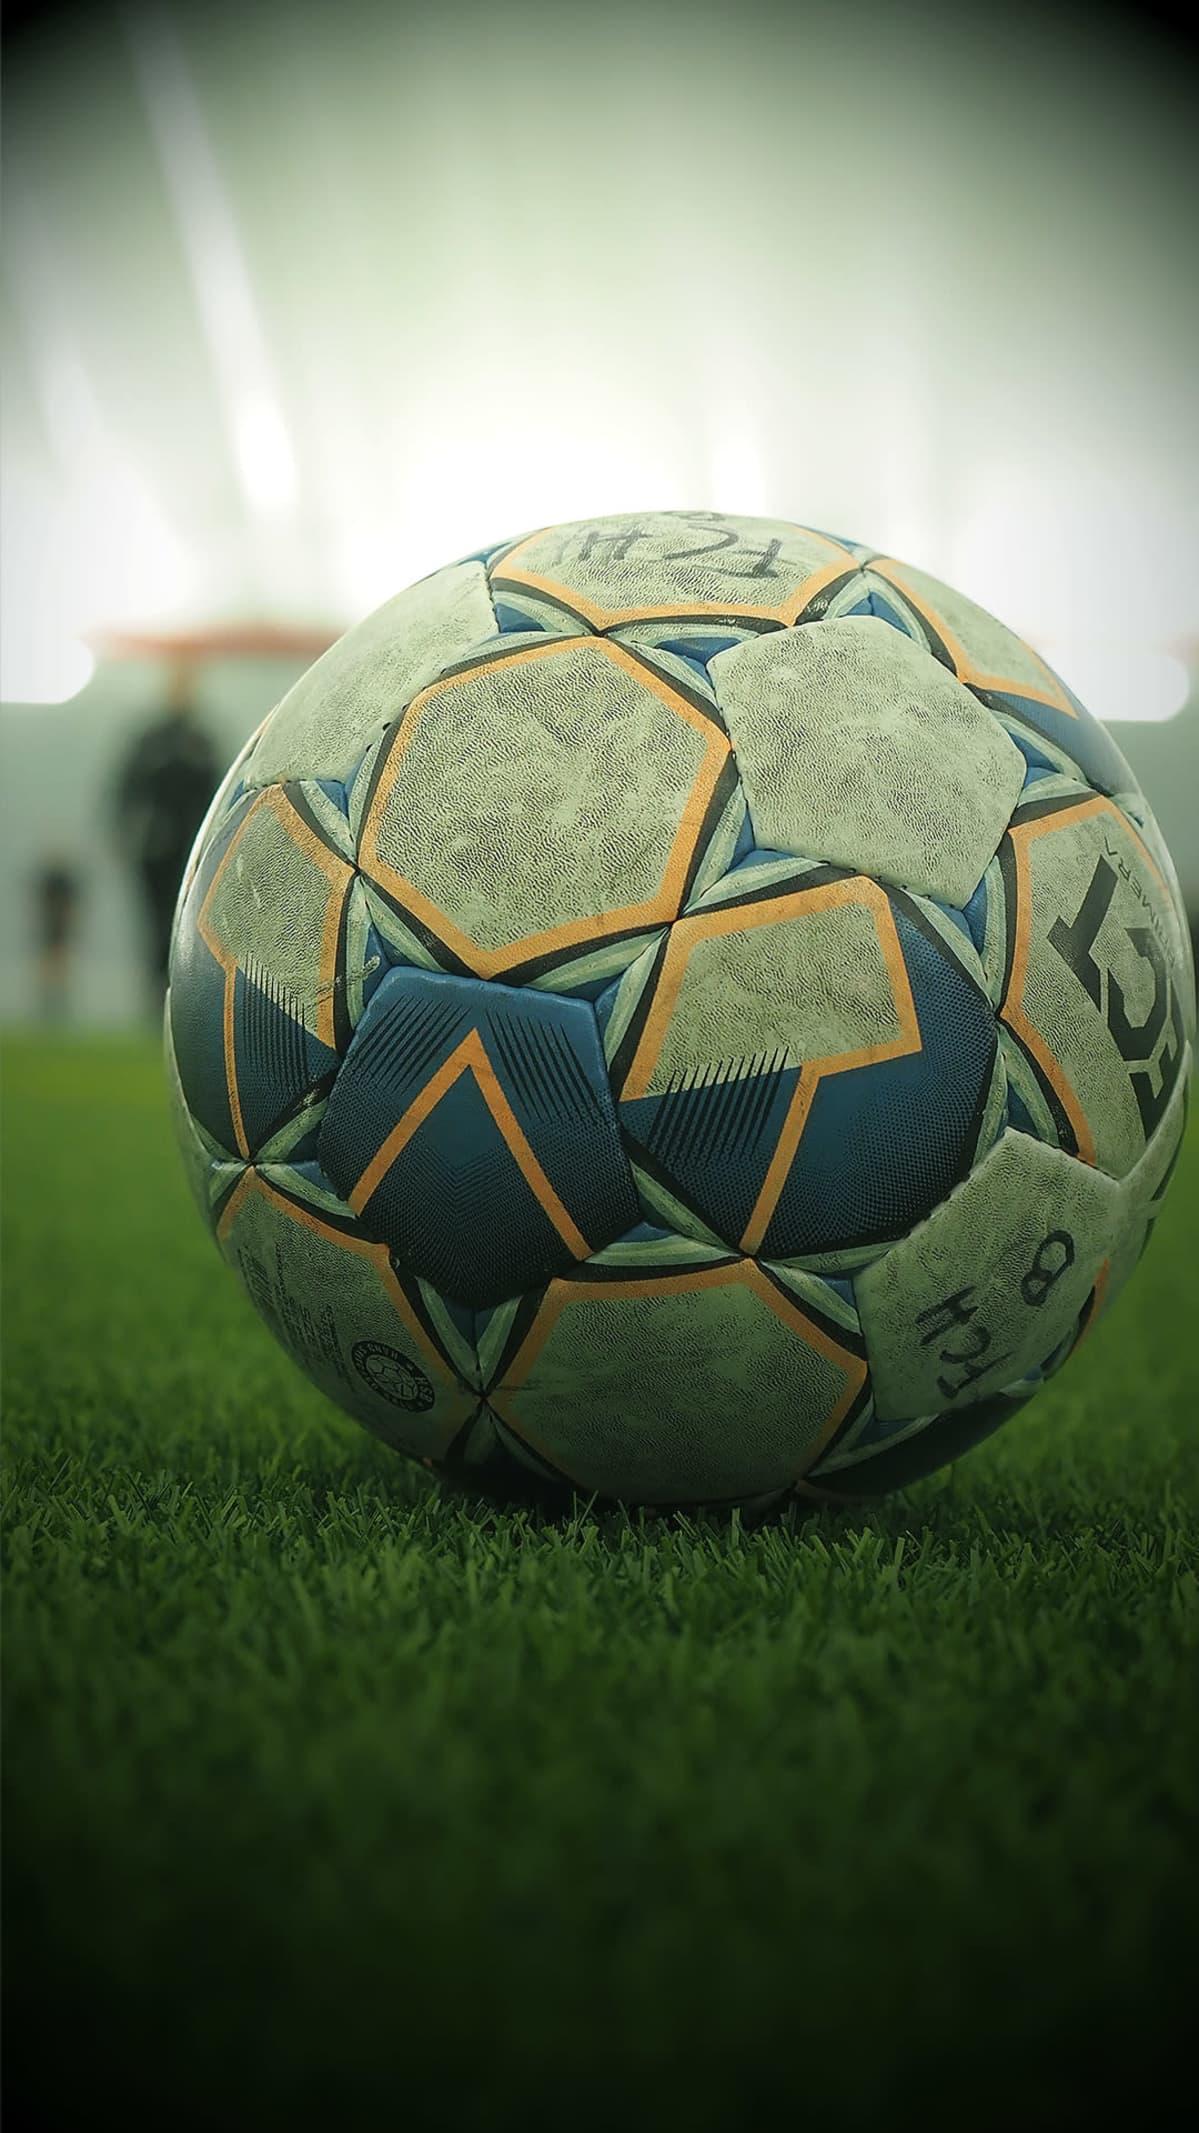 Jalkapallo kentällä.